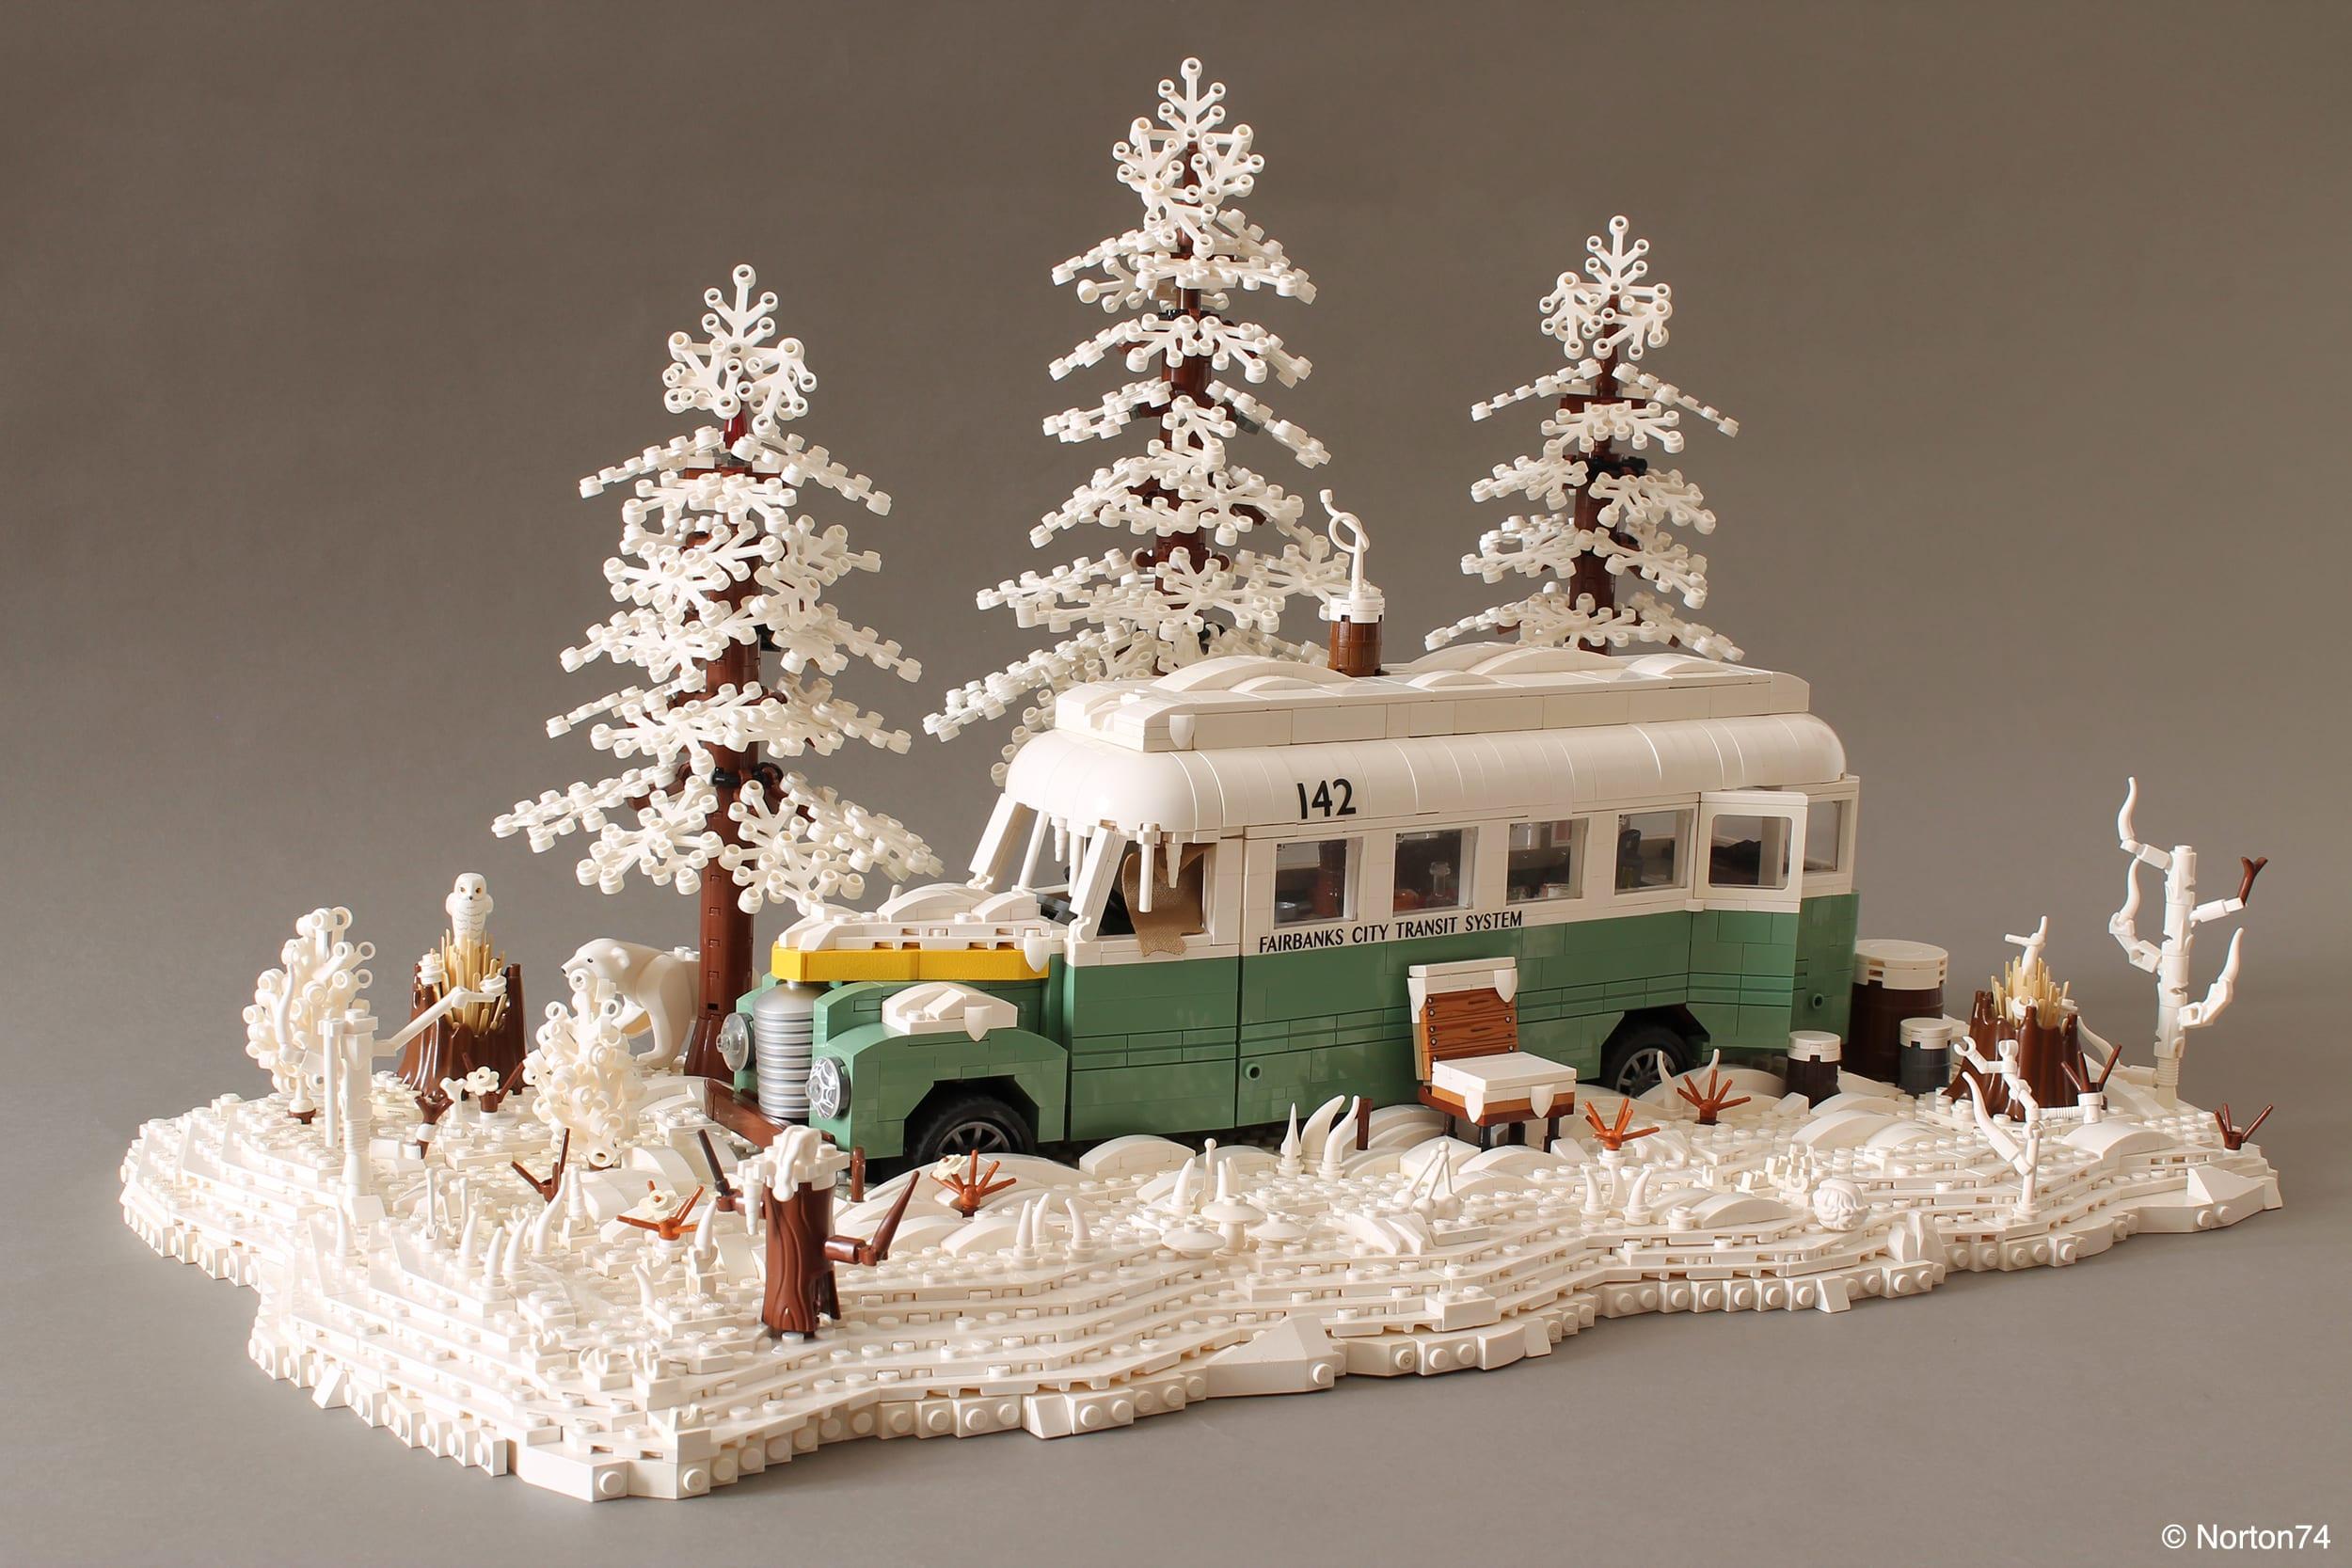 LEGO Magic Bus